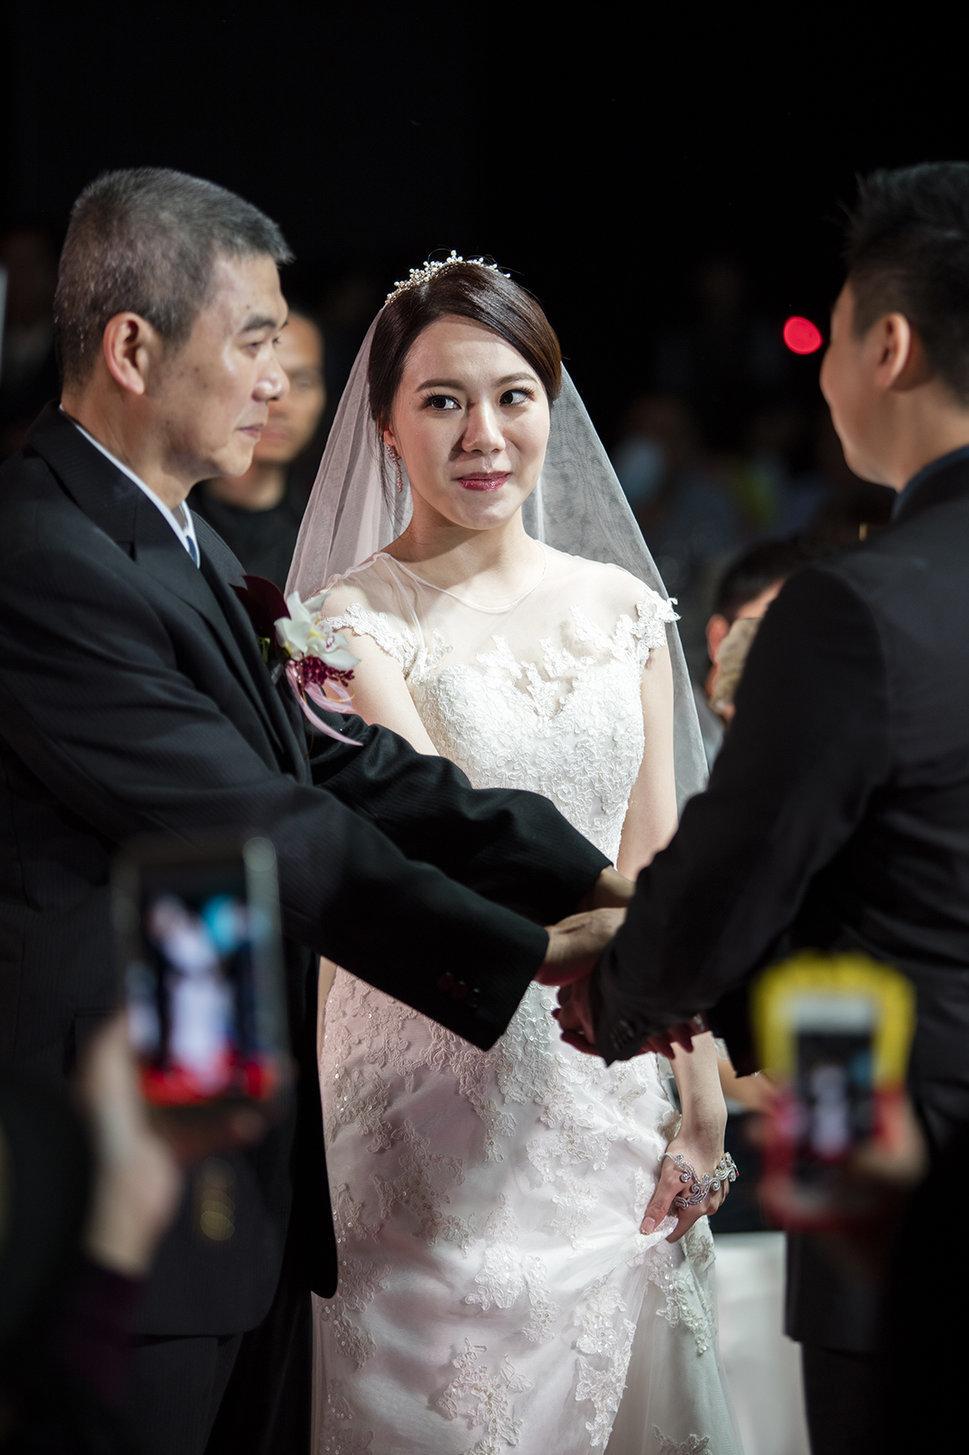 安柏婚禮紀錄(編號:380154) - 安柏婚禮藝術 - 結婚吧一站式婚禮服務平台